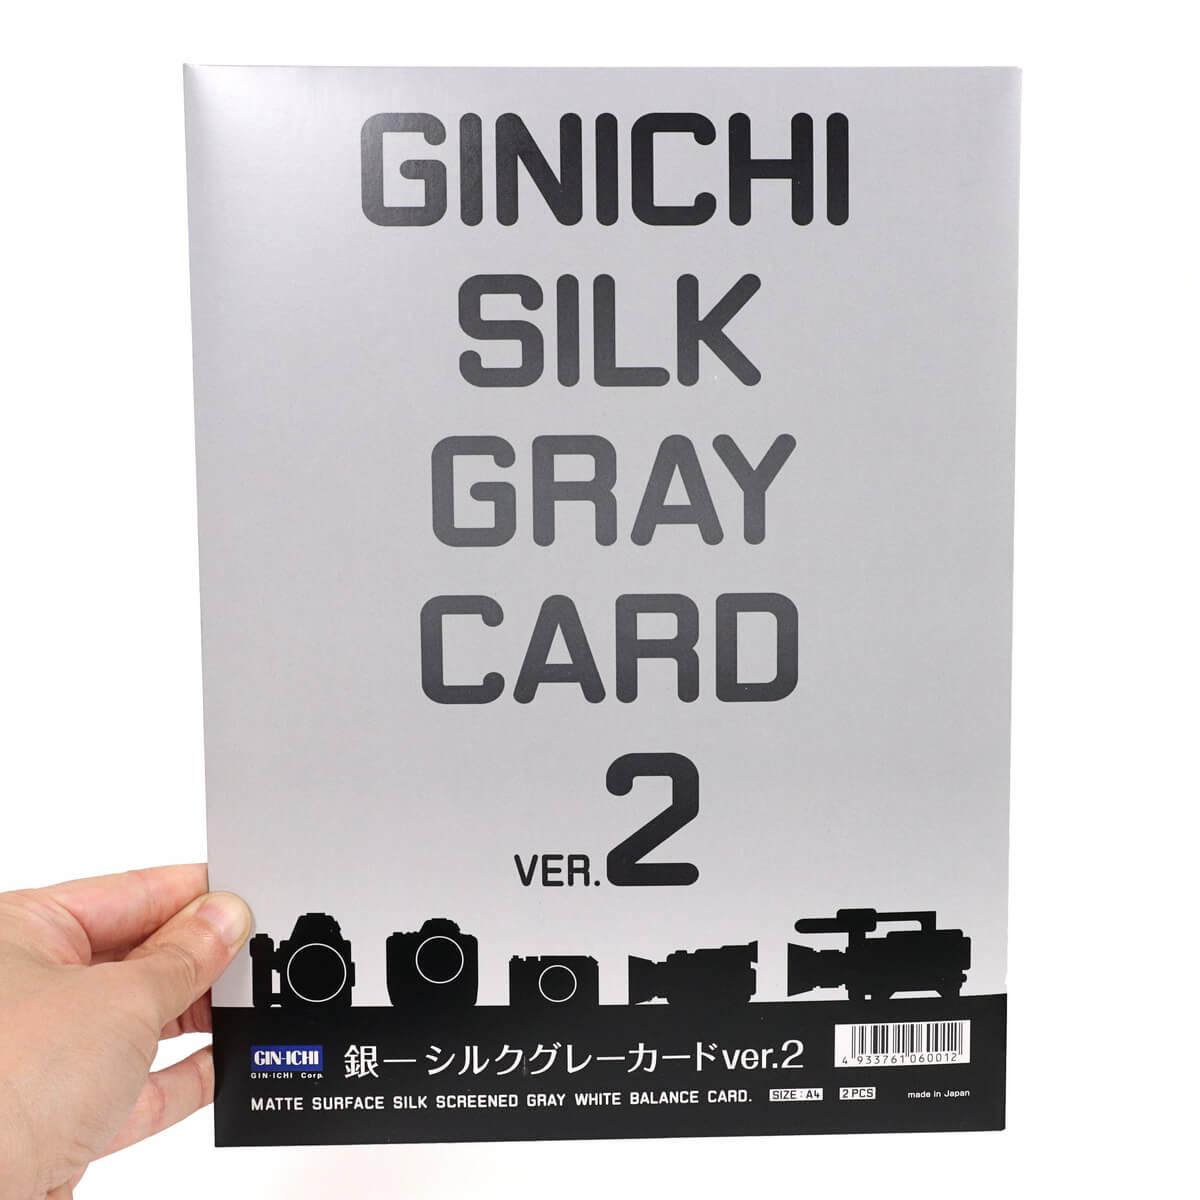 銀一シルクグレーカードのパッケージ